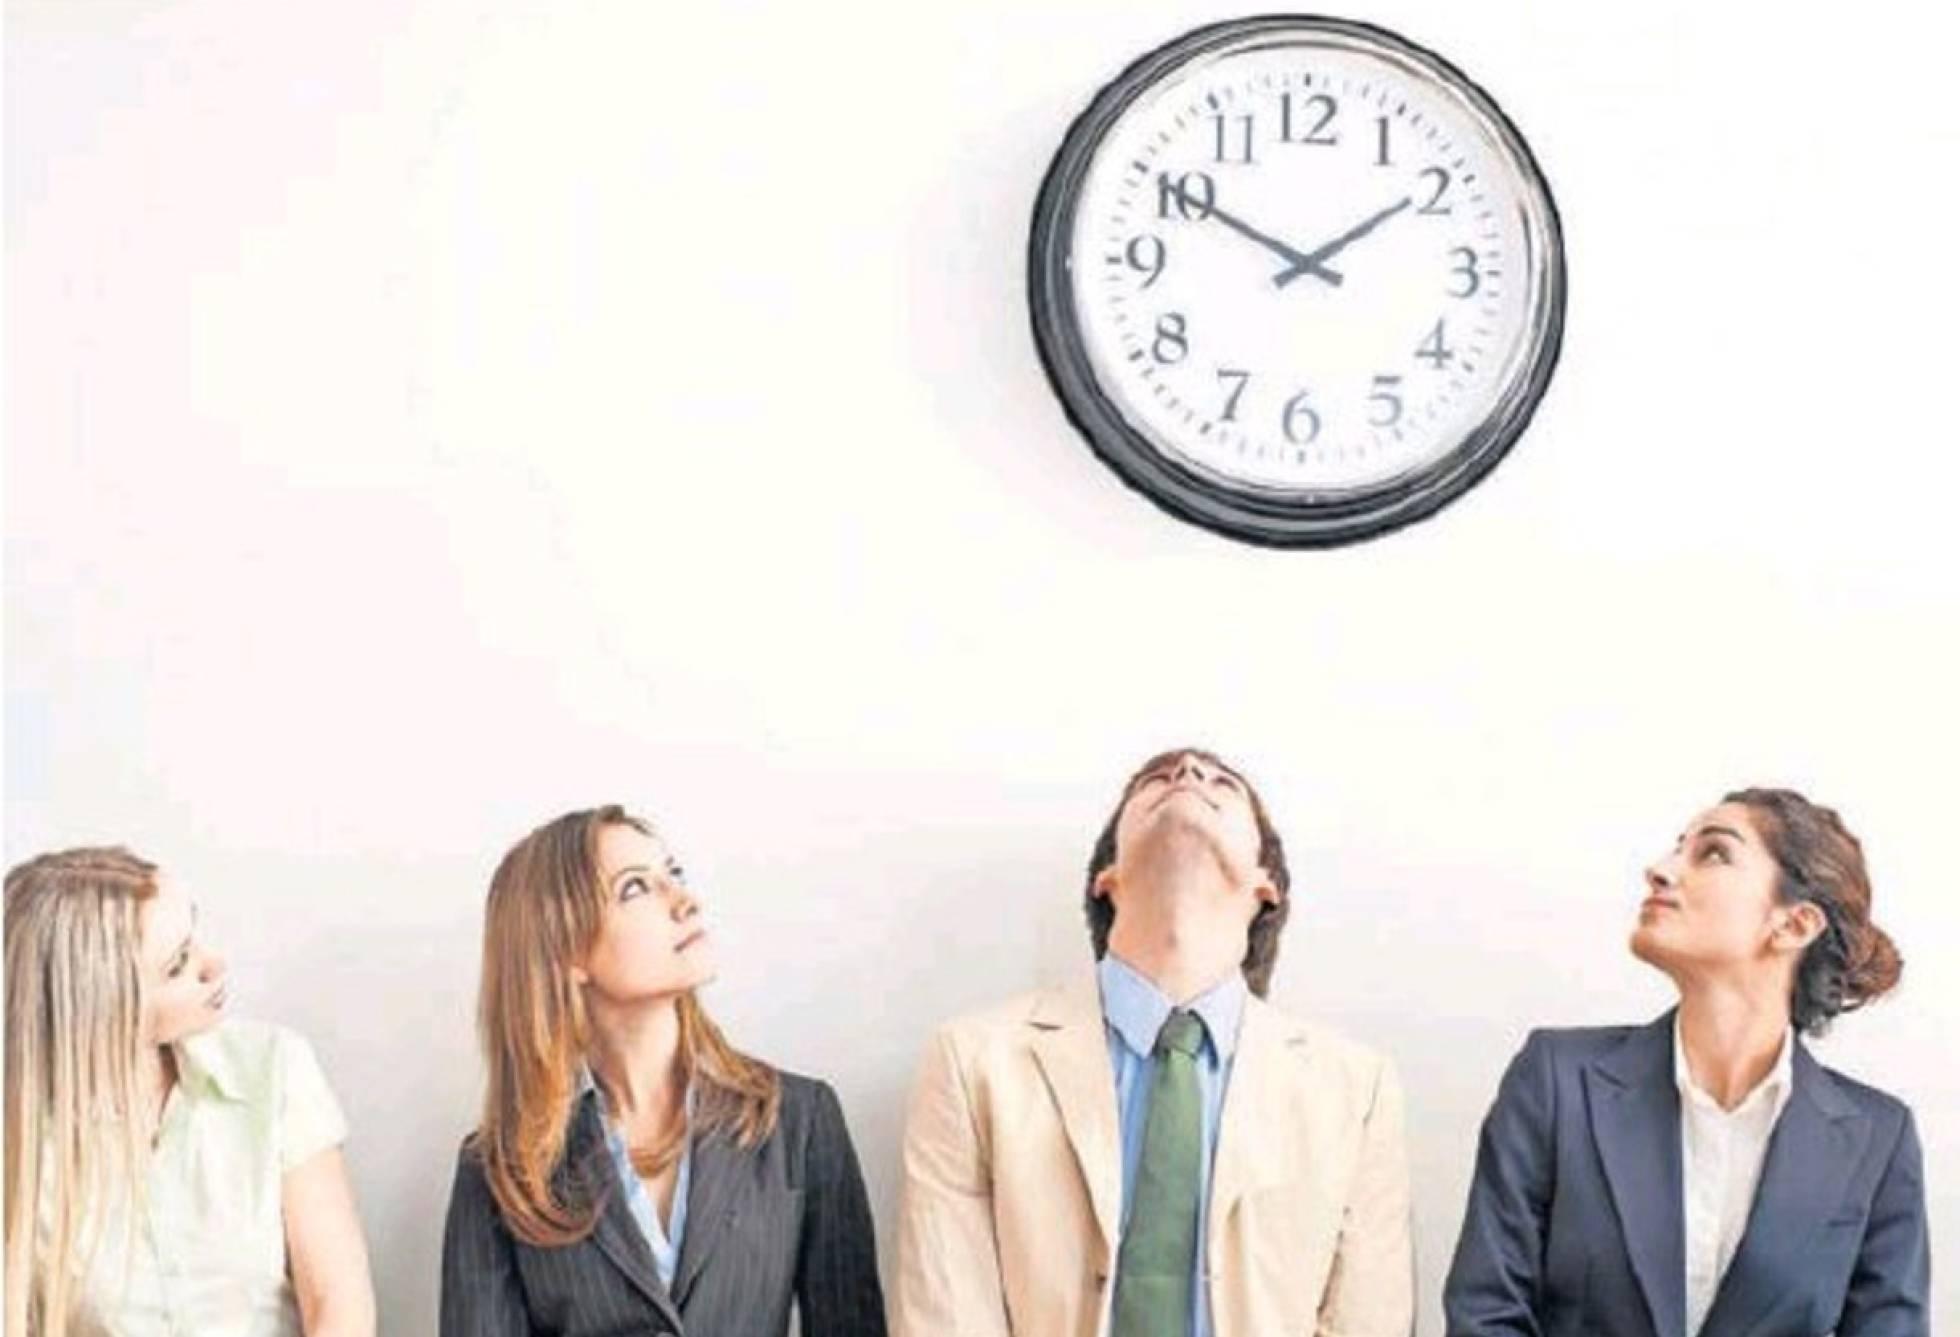 La jornada intensiva de verano para los abogados es posible…con matices